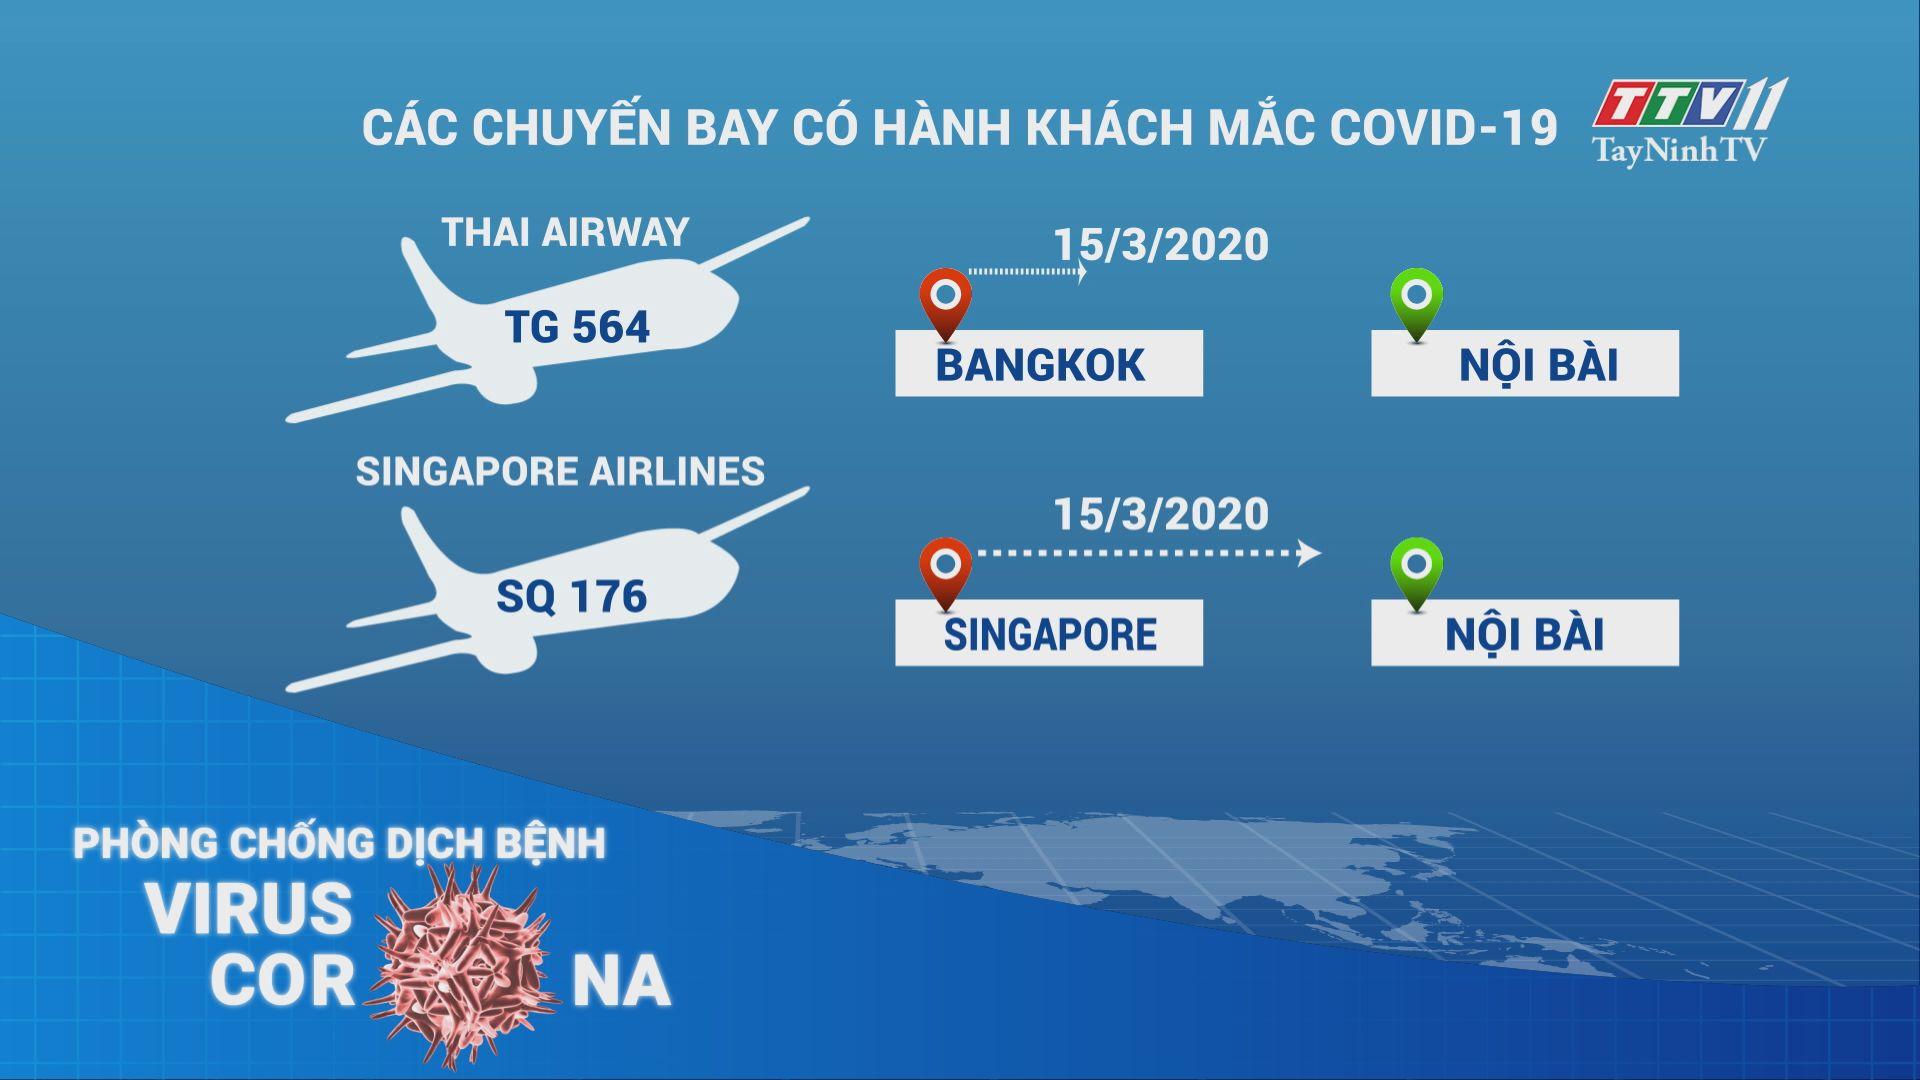 Chuyến bay có hành khách mắc Covid-19 | THÔNG TIN DỊCH CÚM COVID-19 | TayNinhTV